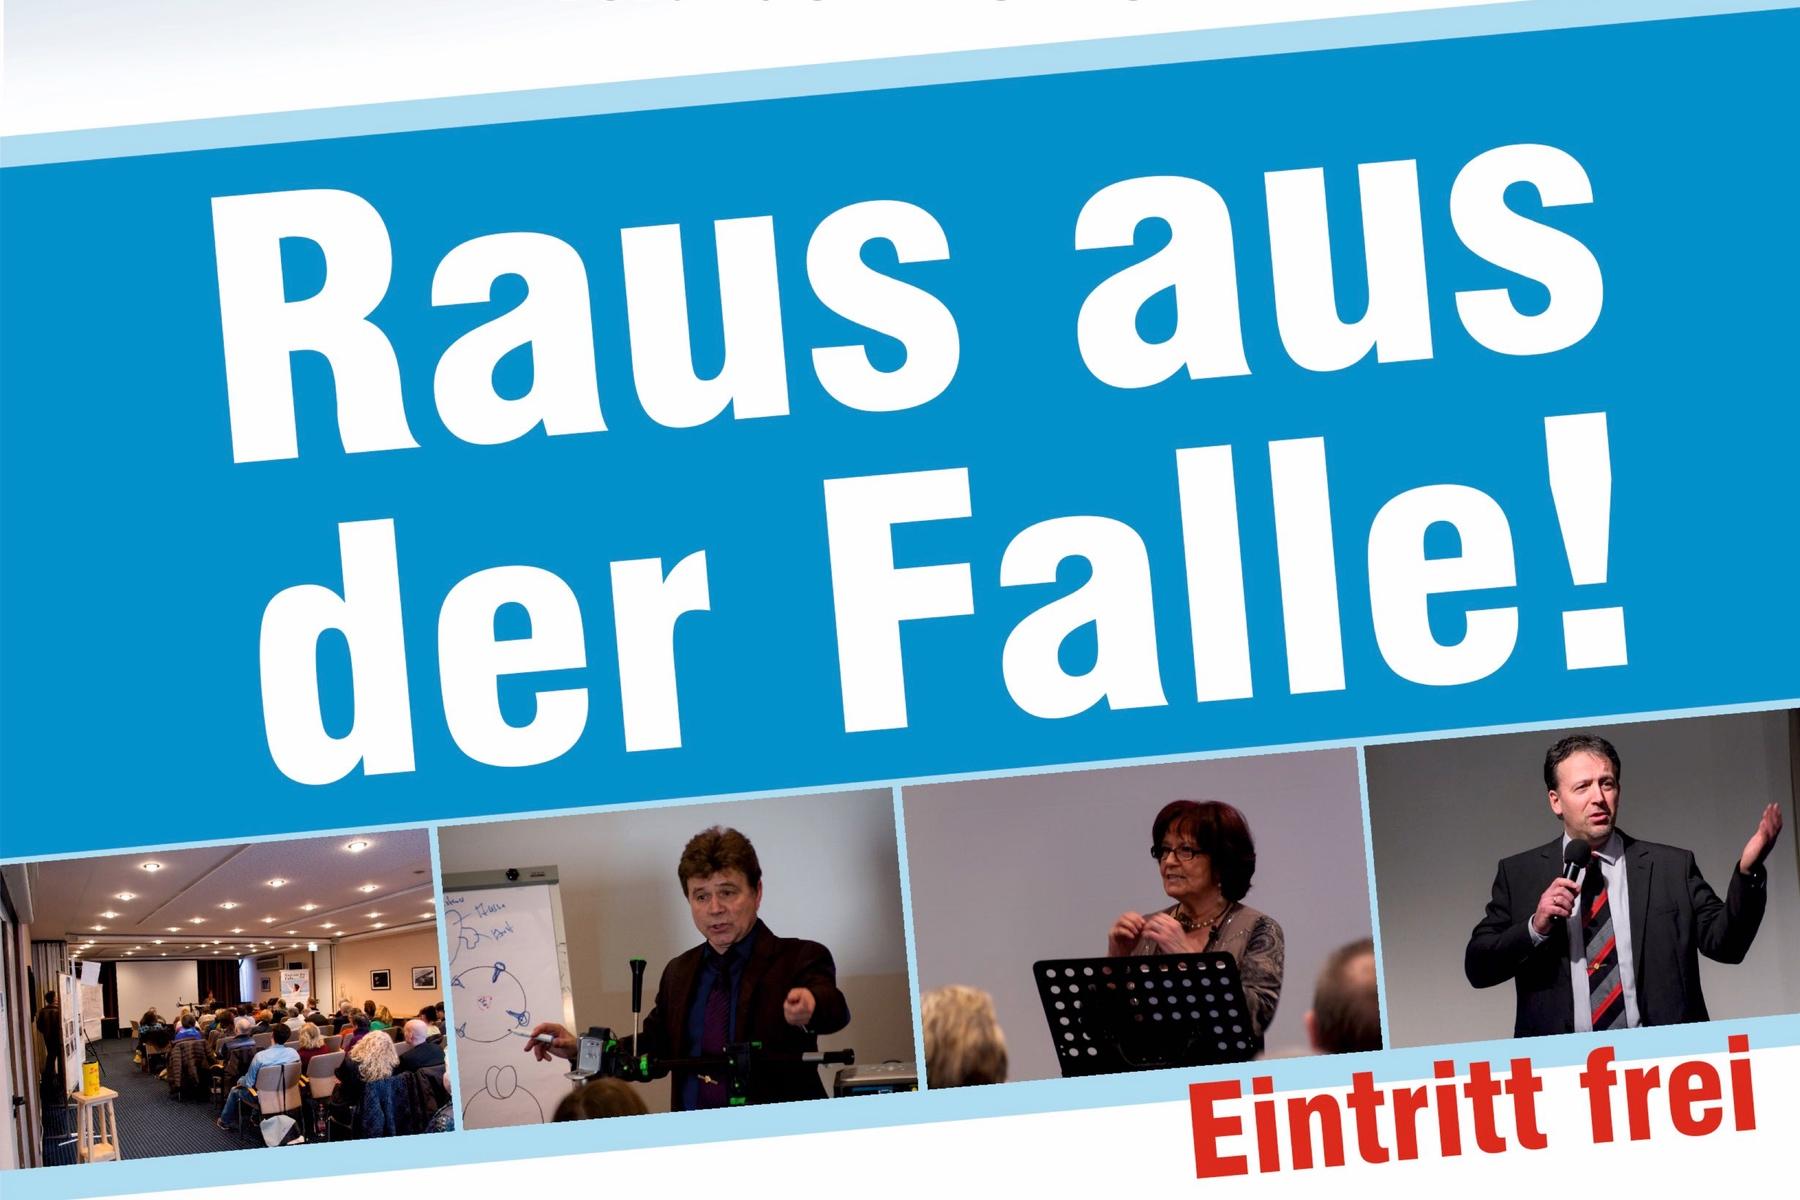 Plakat Raus aus der Falle mit Bildern von Bernd C. Trümper und Siegfried Ebenhoch